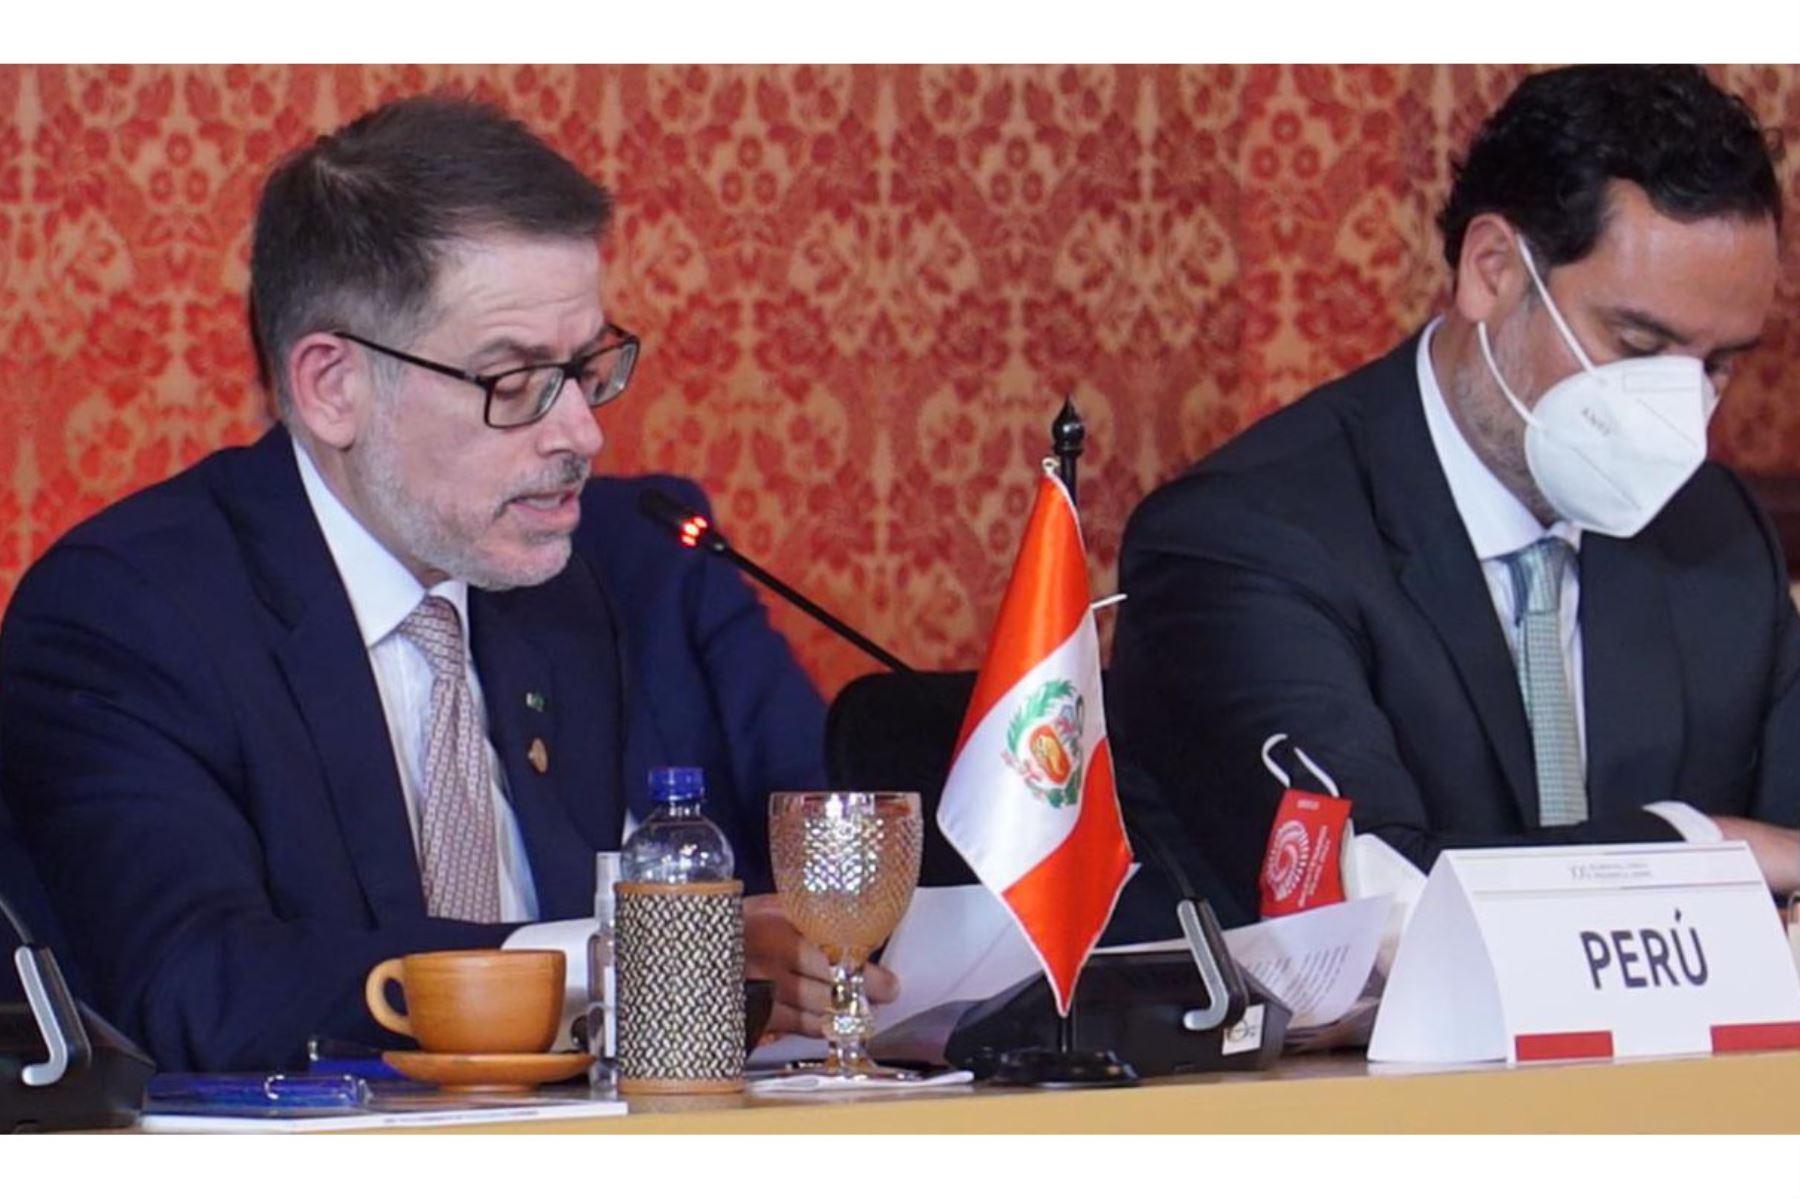 Vicecanciller participó en reunión de ministros de la Comunidad Andina